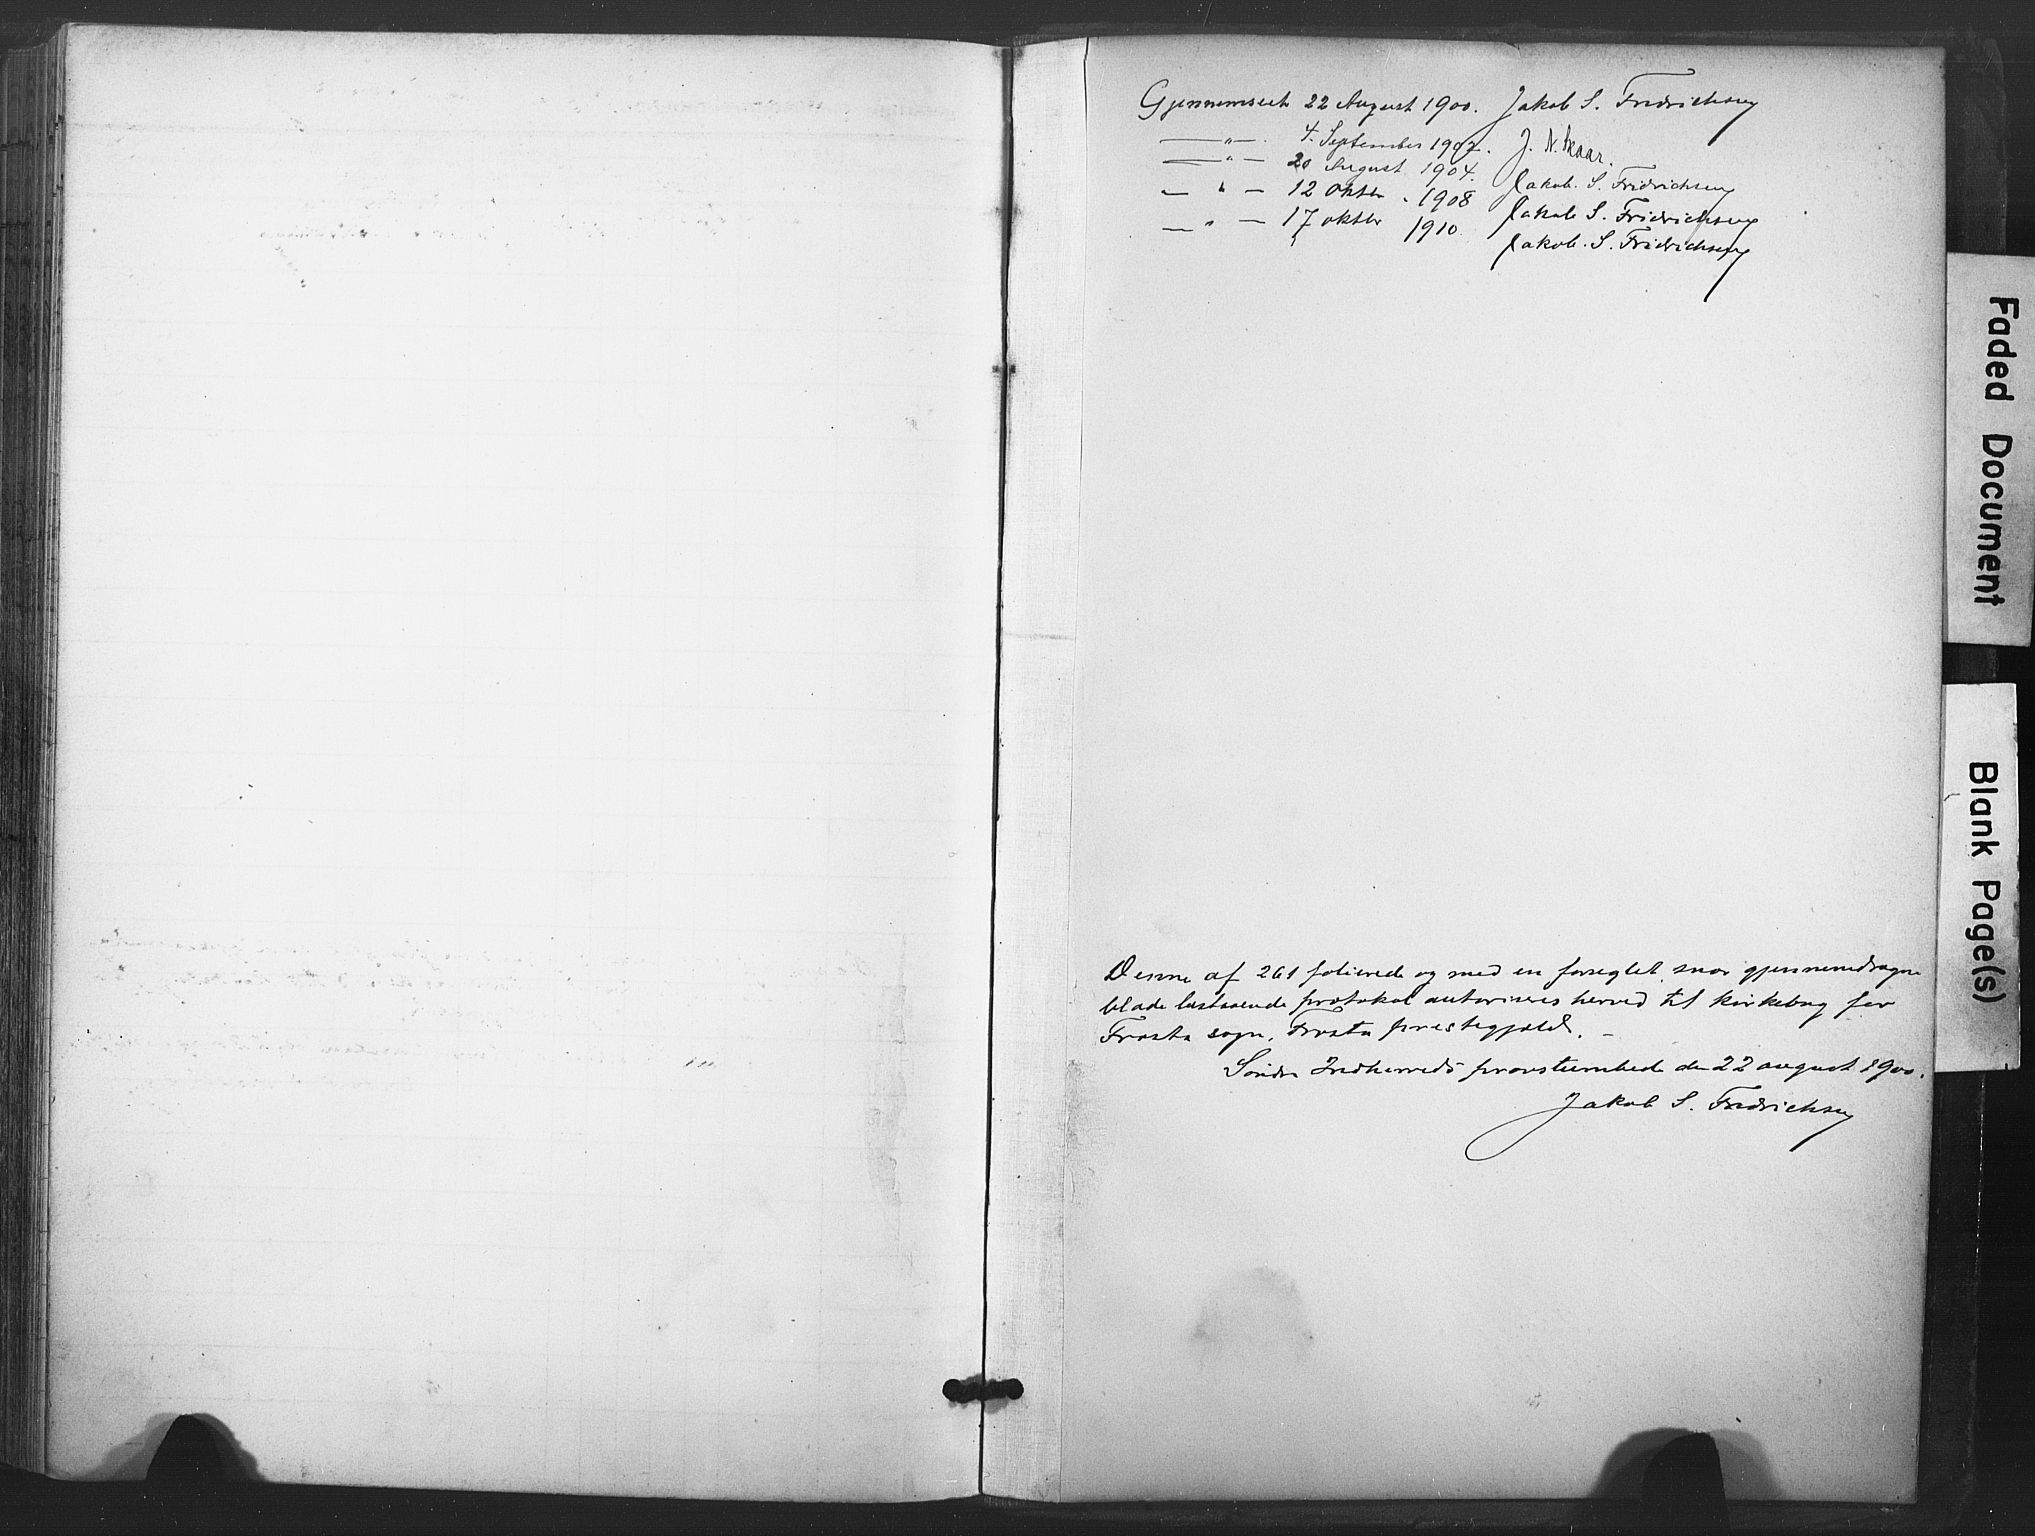 SAT, Ministerialprotokoller, klokkerbøker og fødselsregistre - Nord-Trøndelag, 713/L0122: Ministerialbok nr. 713A11, 1899-1910